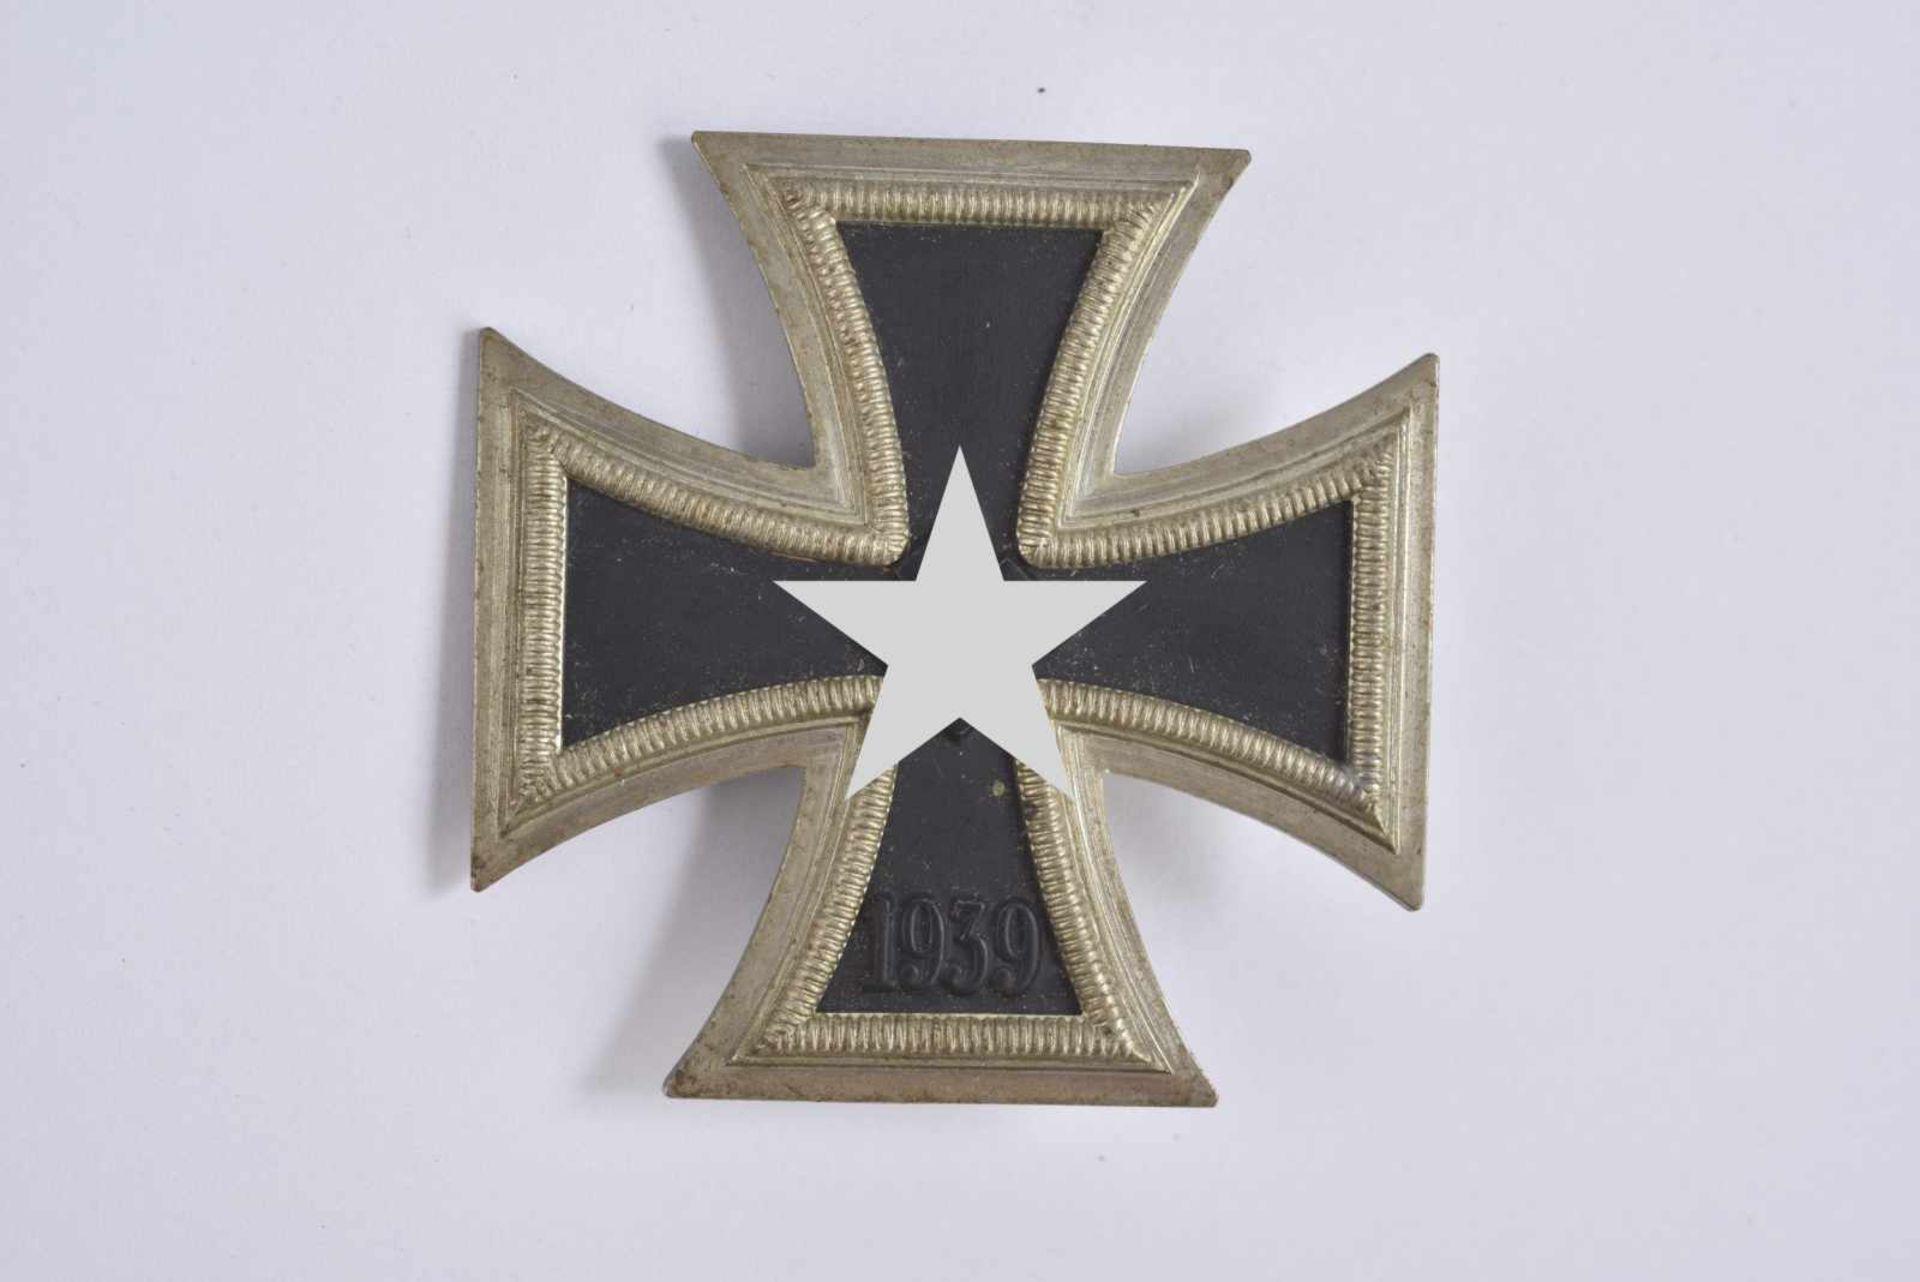 Croix de fer de première classe. Fabrication en trois parties, système de fixation complet. Marquage